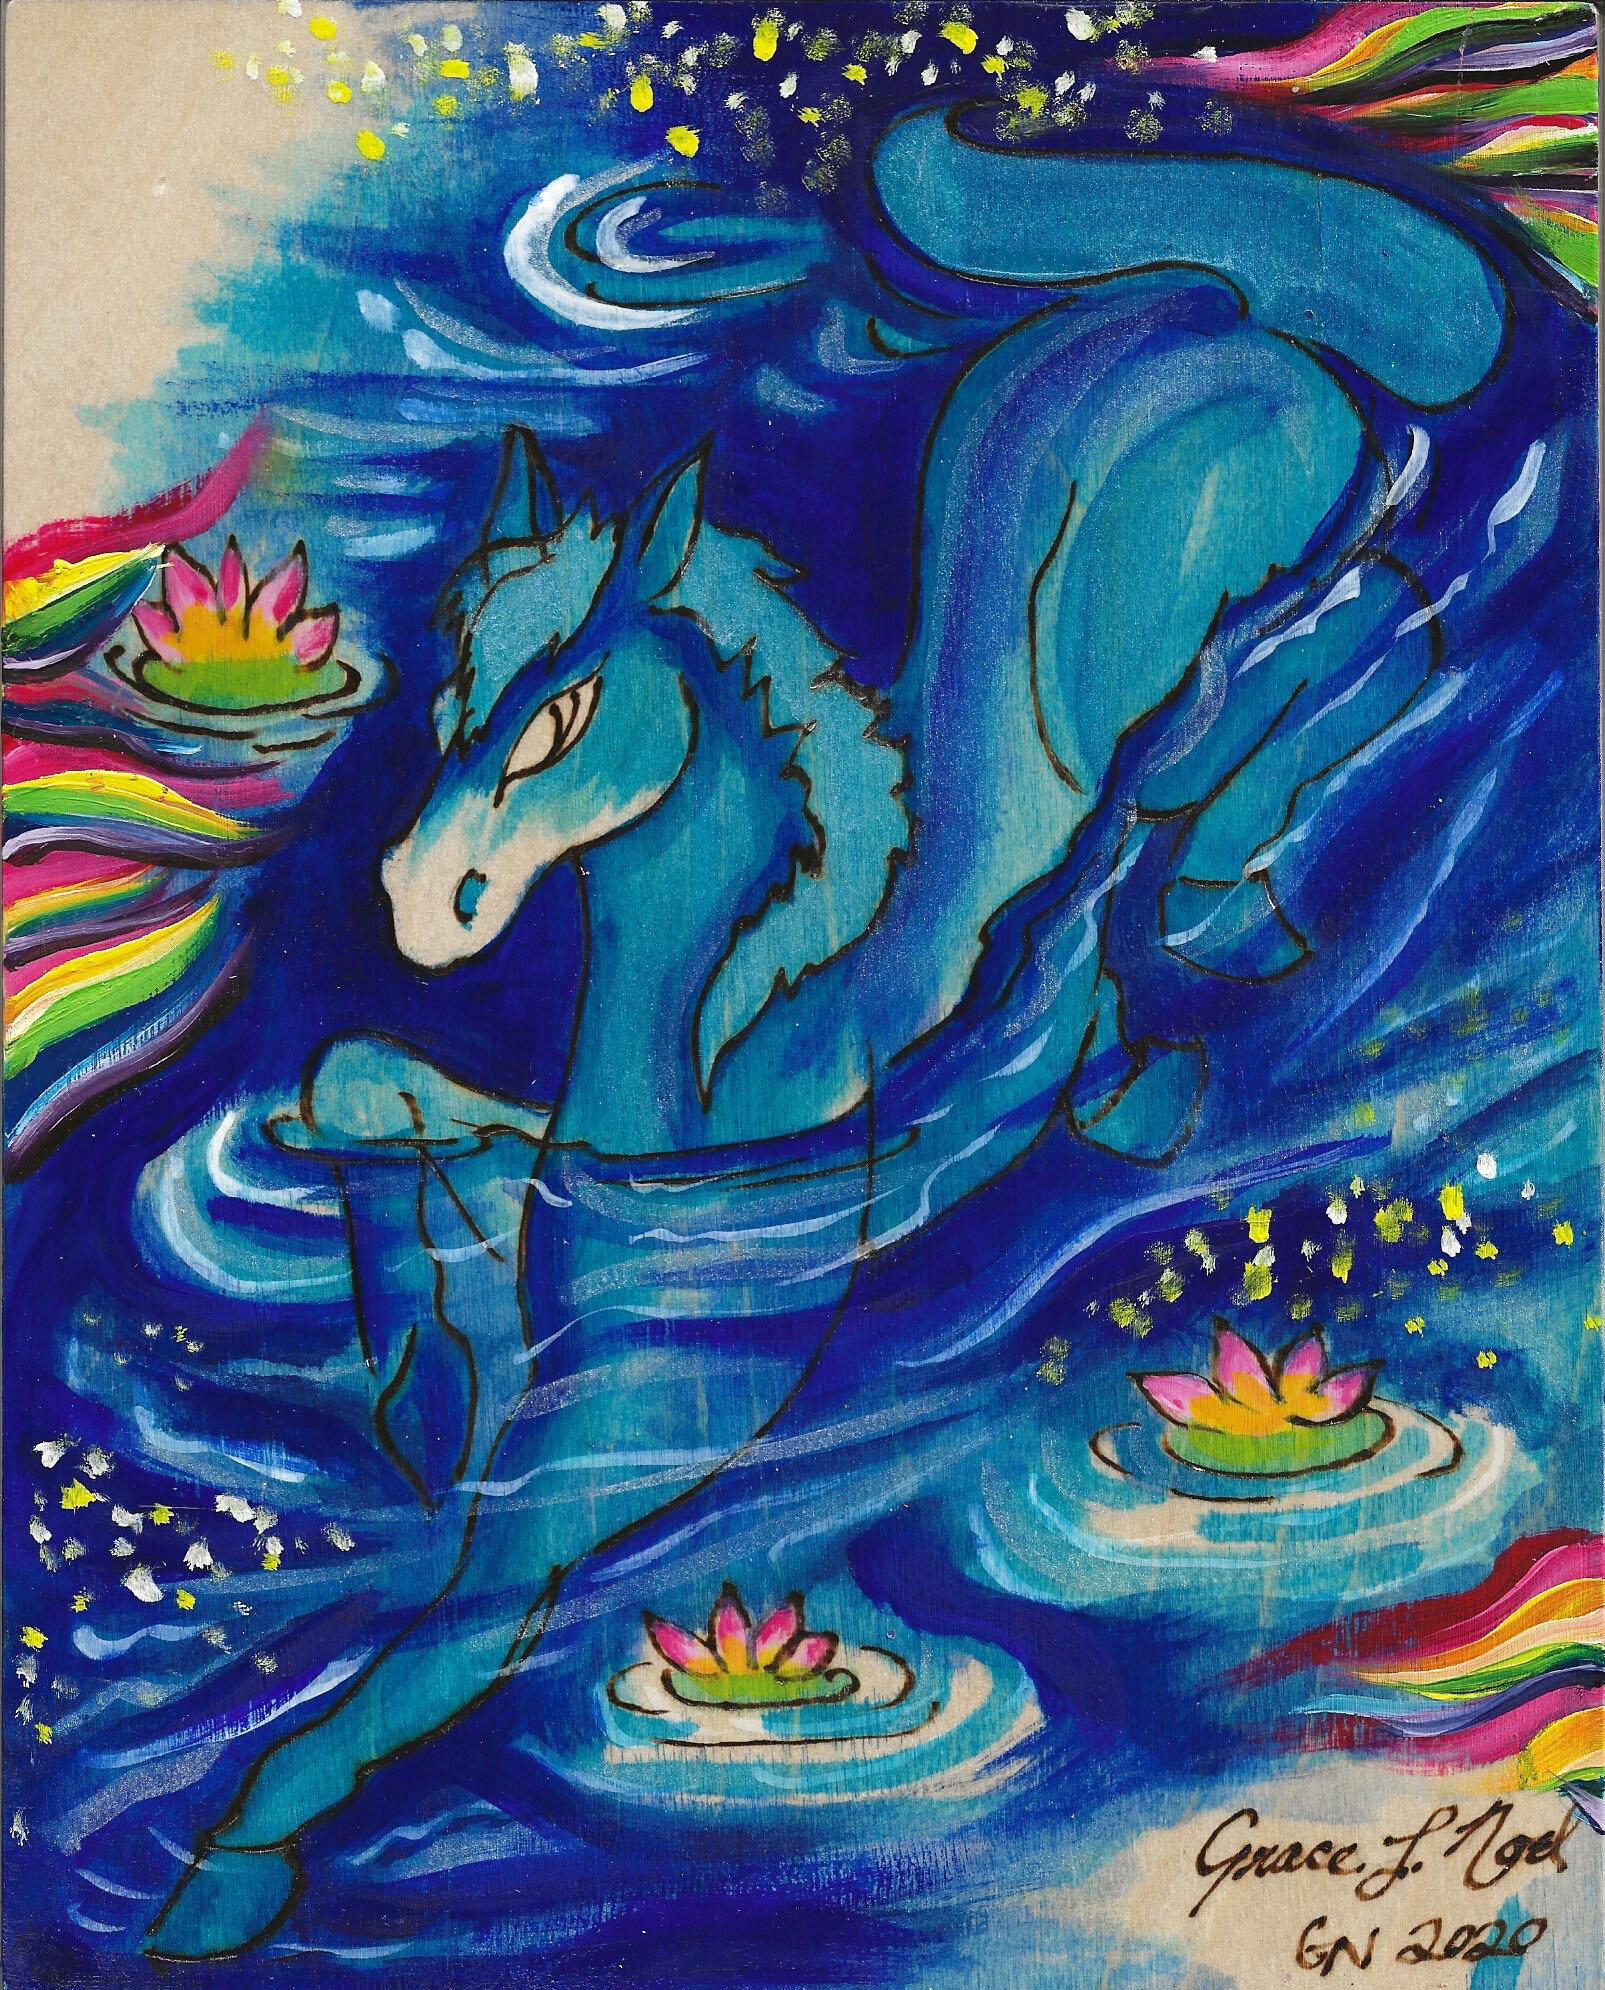 Water Horse Chinese Zodiac 5 Elements Series By Grace Noel Art Grace Noel